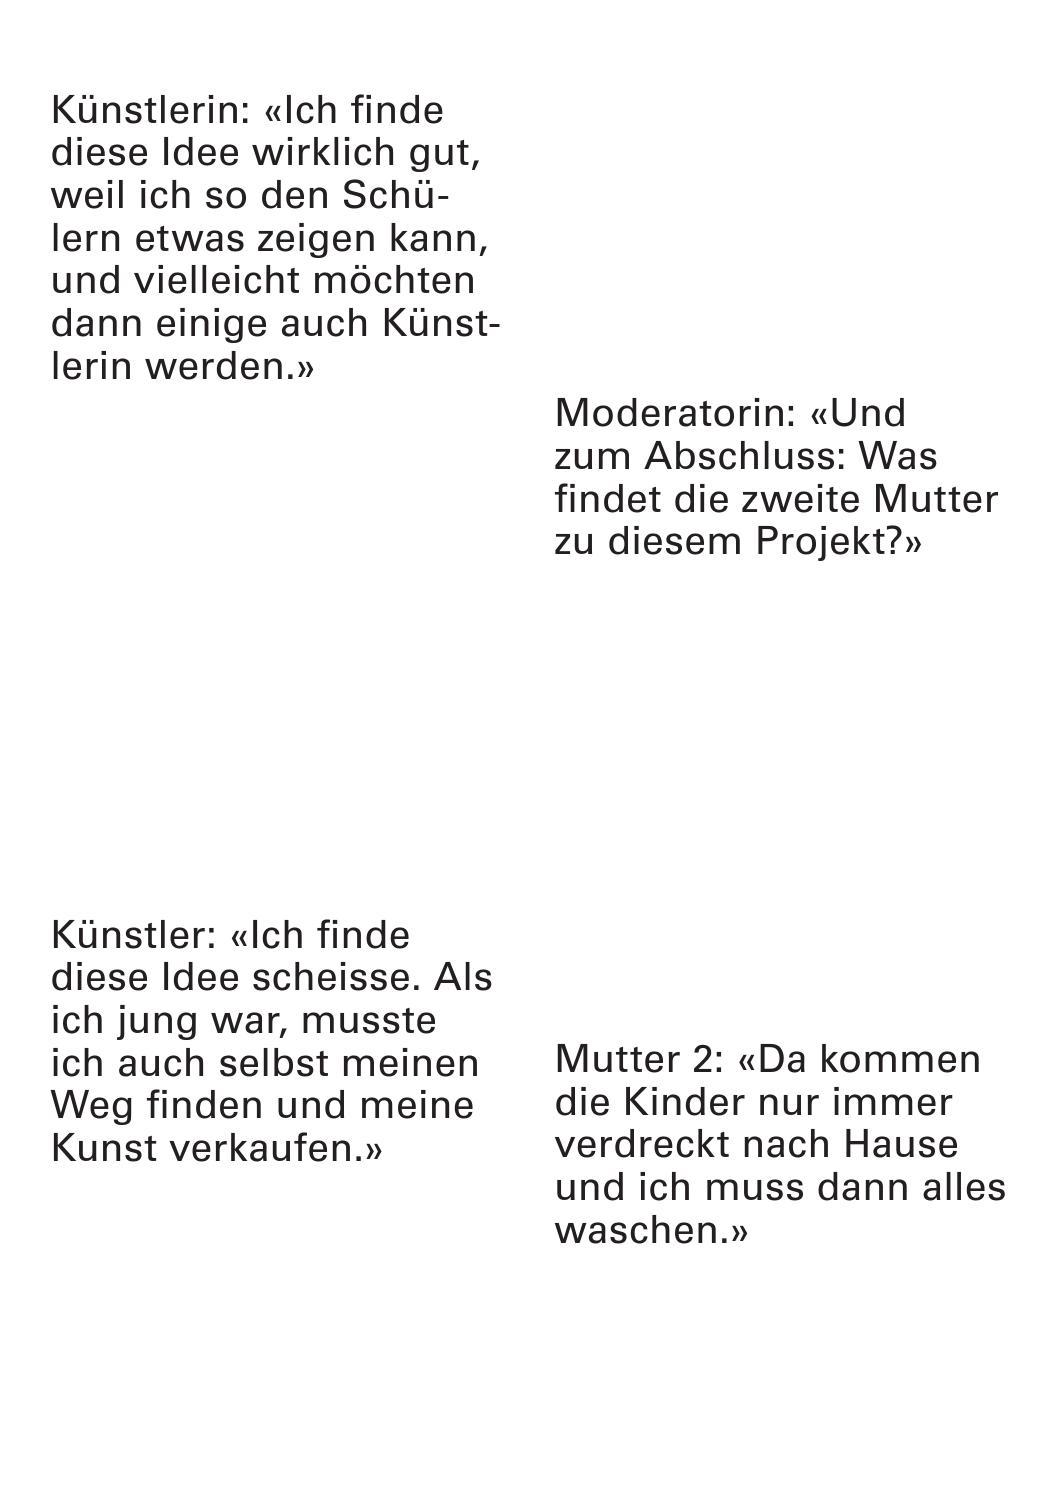 42 Ideen für eine Bildung durch Kunst und Kultur by Sam Linder - issuu